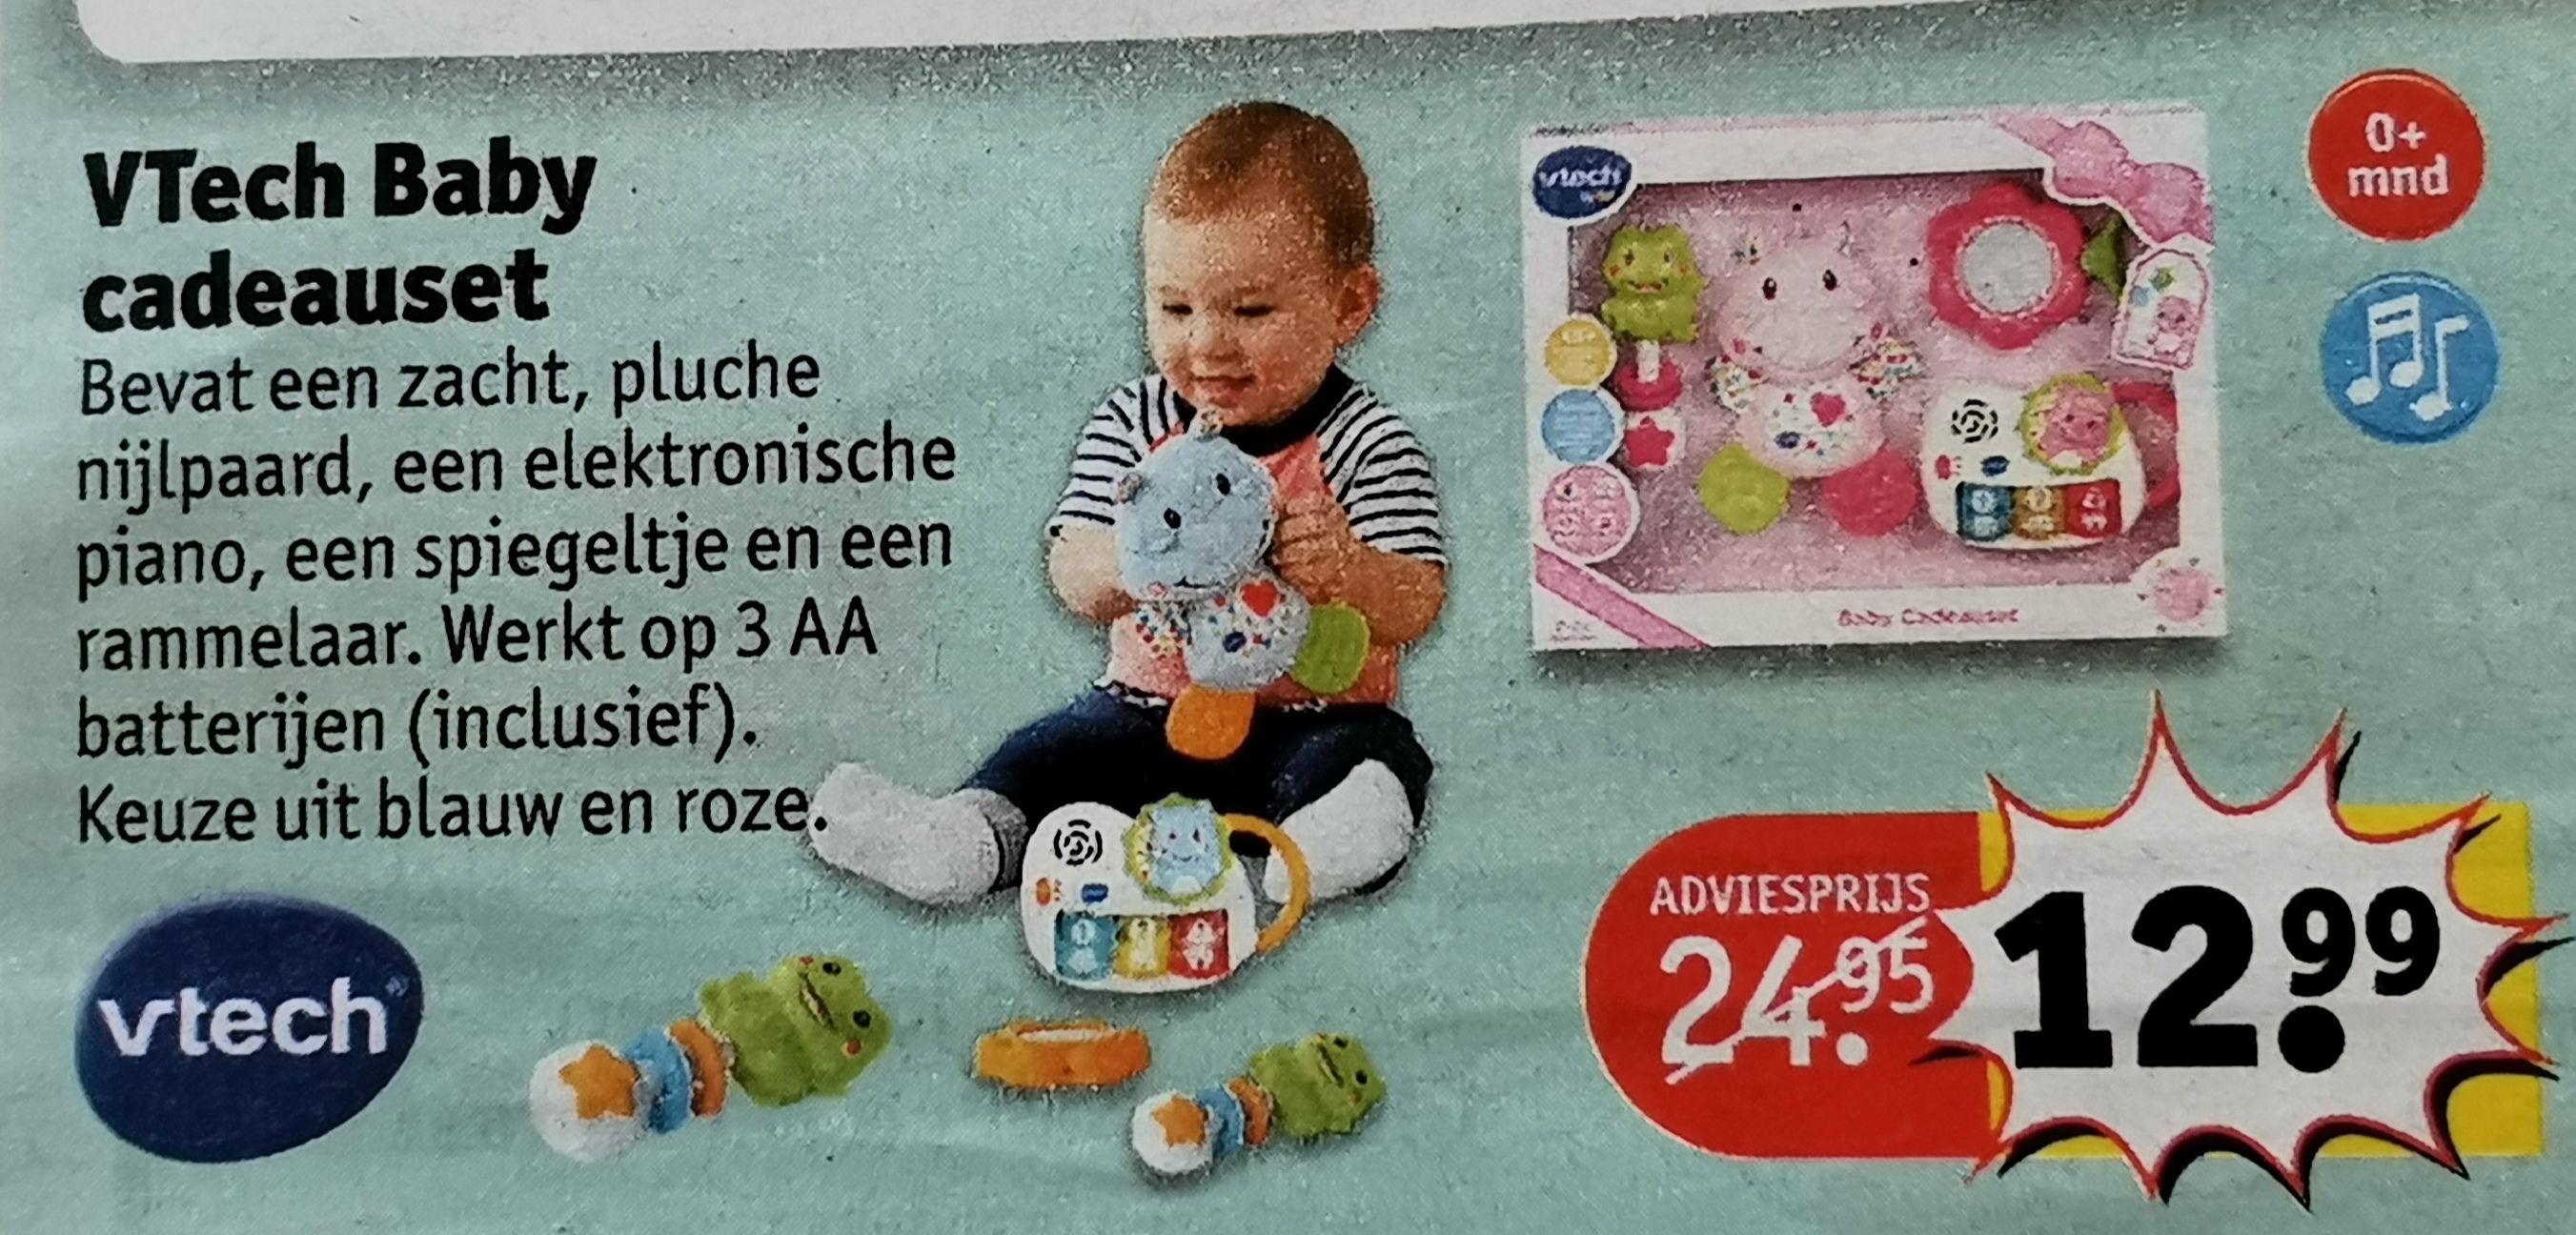 VTech Baby Cadeauset (blauw en roze) @ Kruidvat